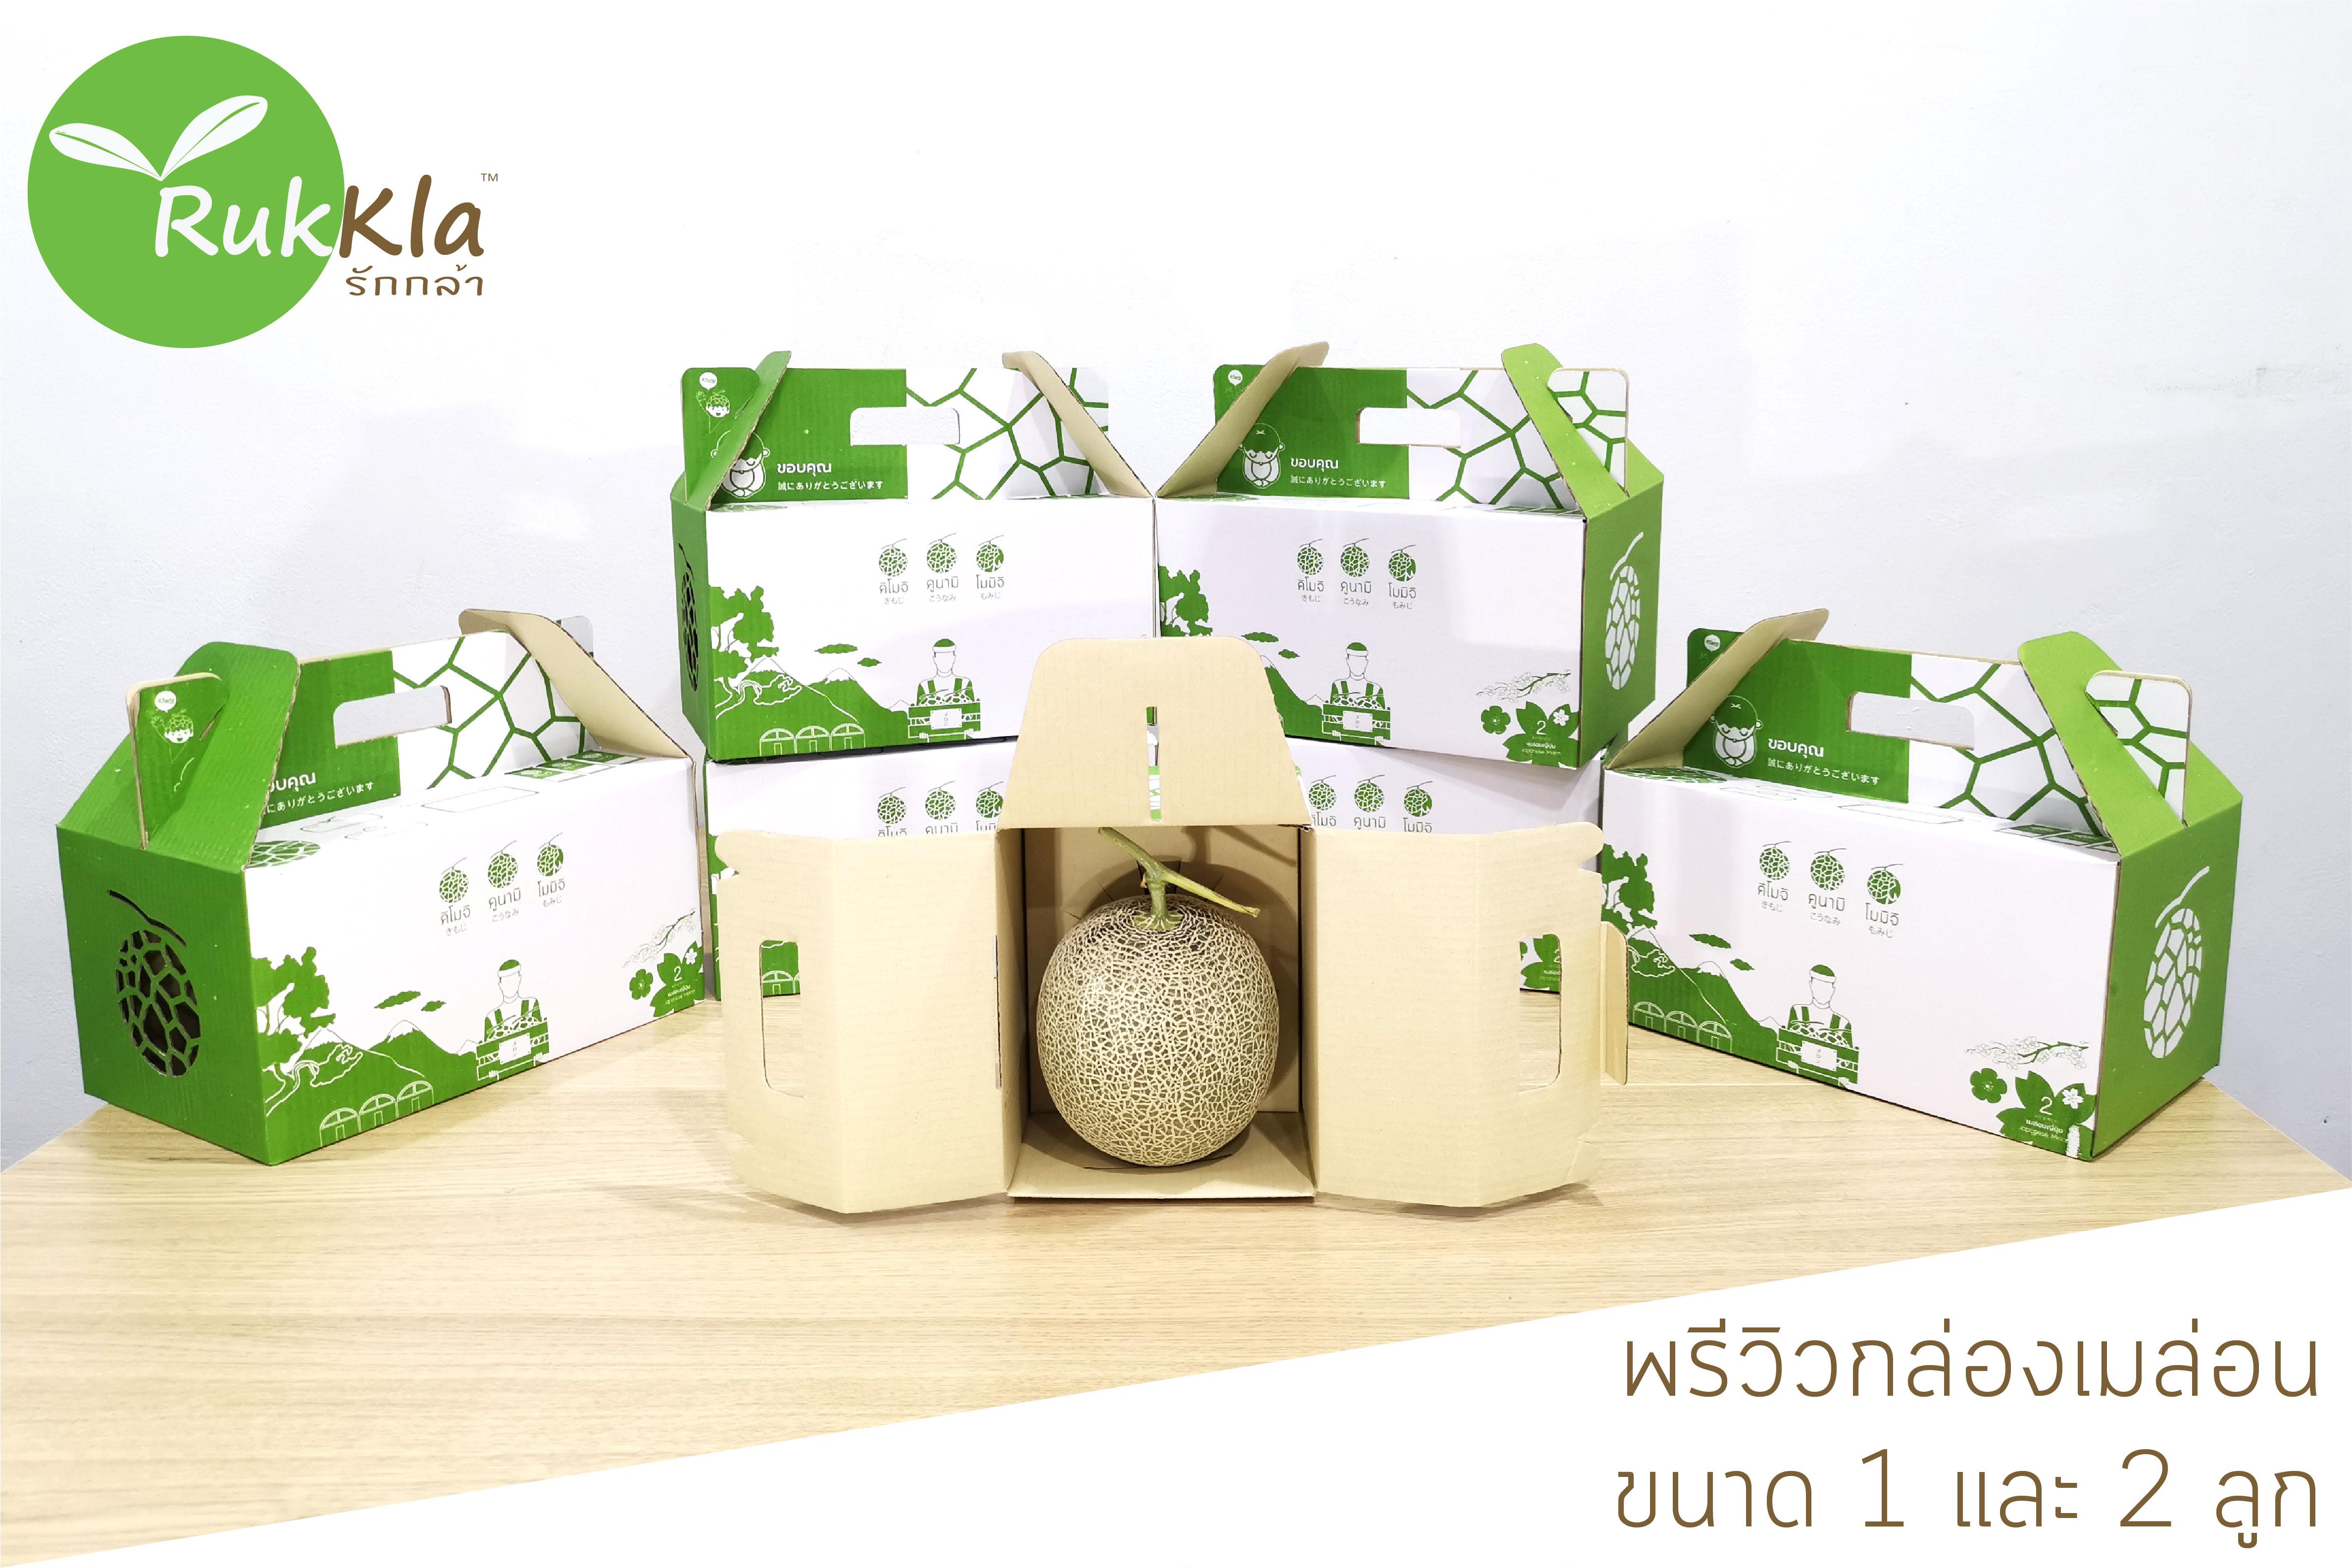 พรีวิวกล่องเมล่อนญี่ปุ่น ออกแบบพิเศษโดย Rukkla.com